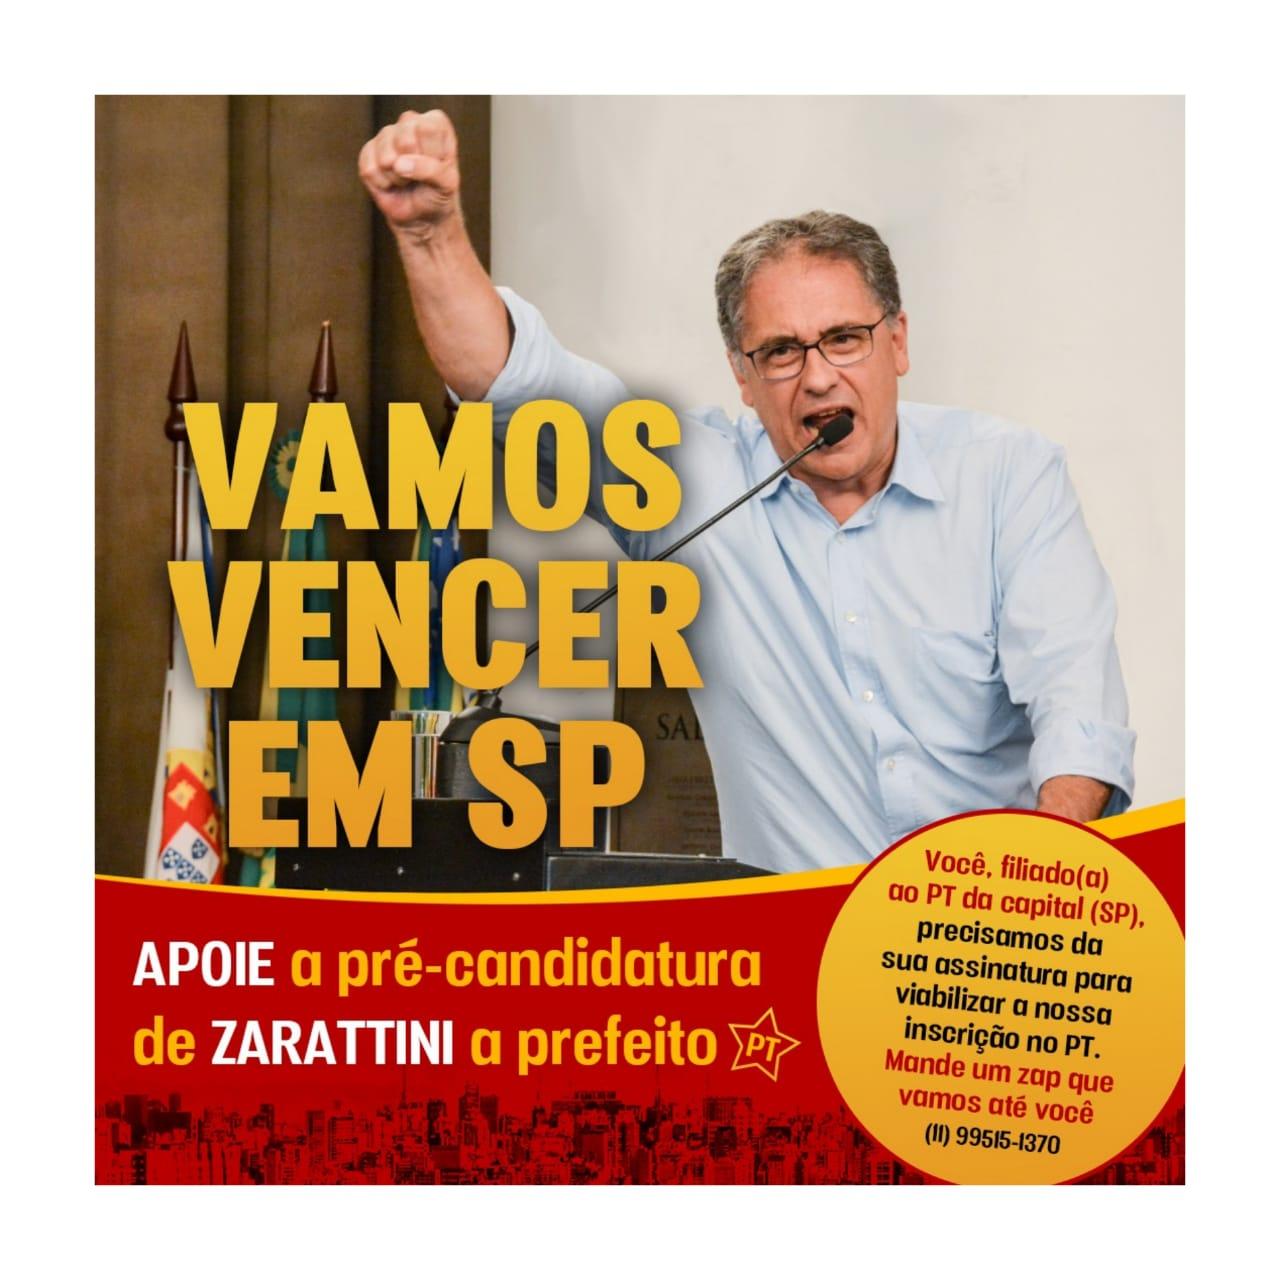 APOIE a pré-candidatura de Zarattini a prefeito de São Paulo pelo PT